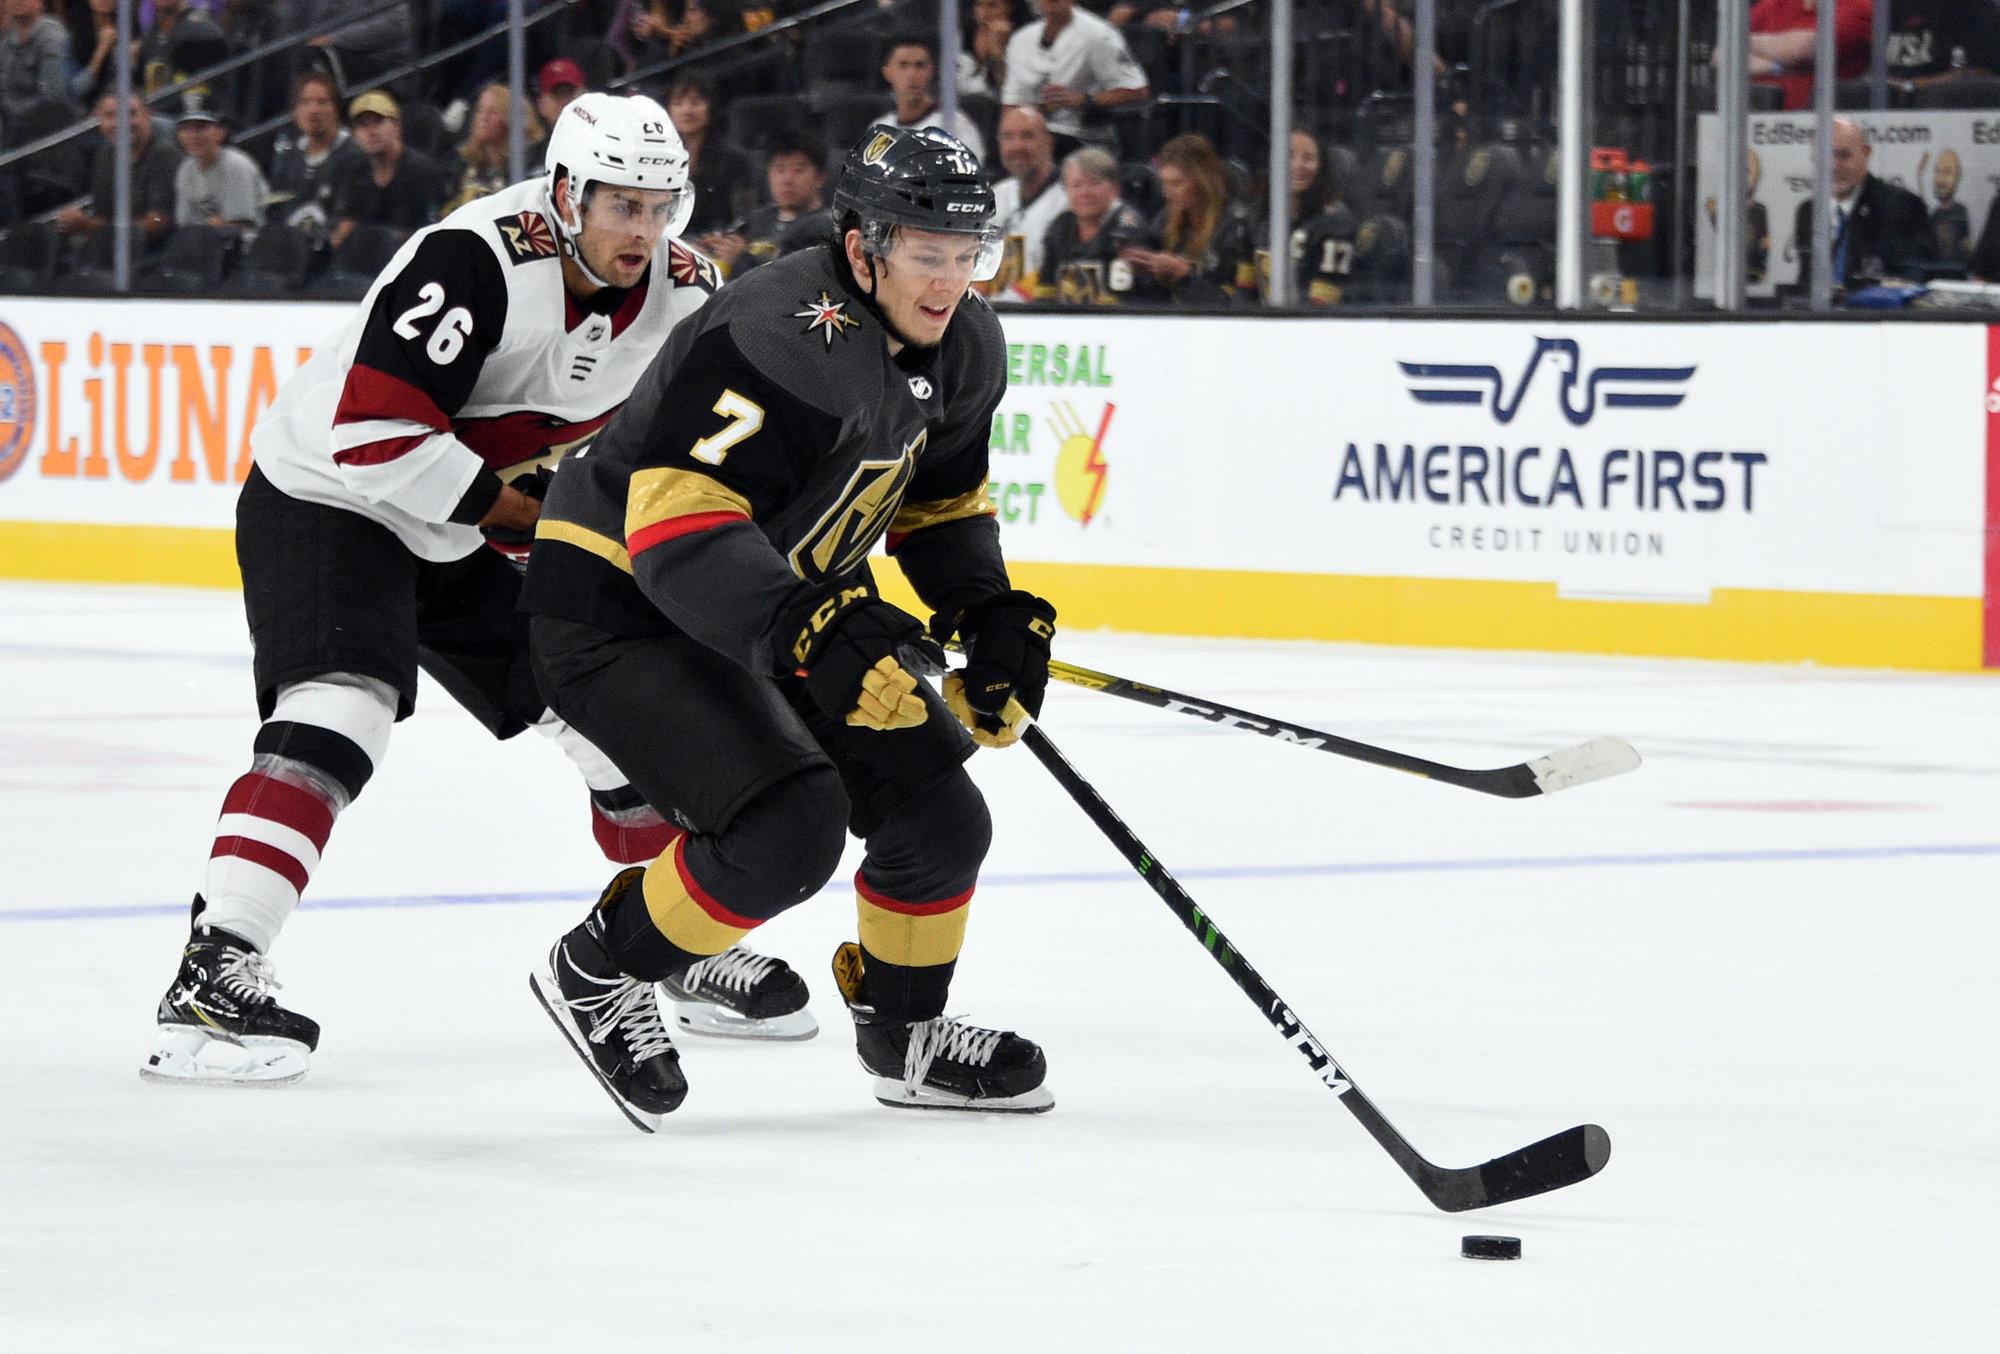 Зыков дисквалифицирован на 20 матчей НХЛ за употребление запрещенных препаратов